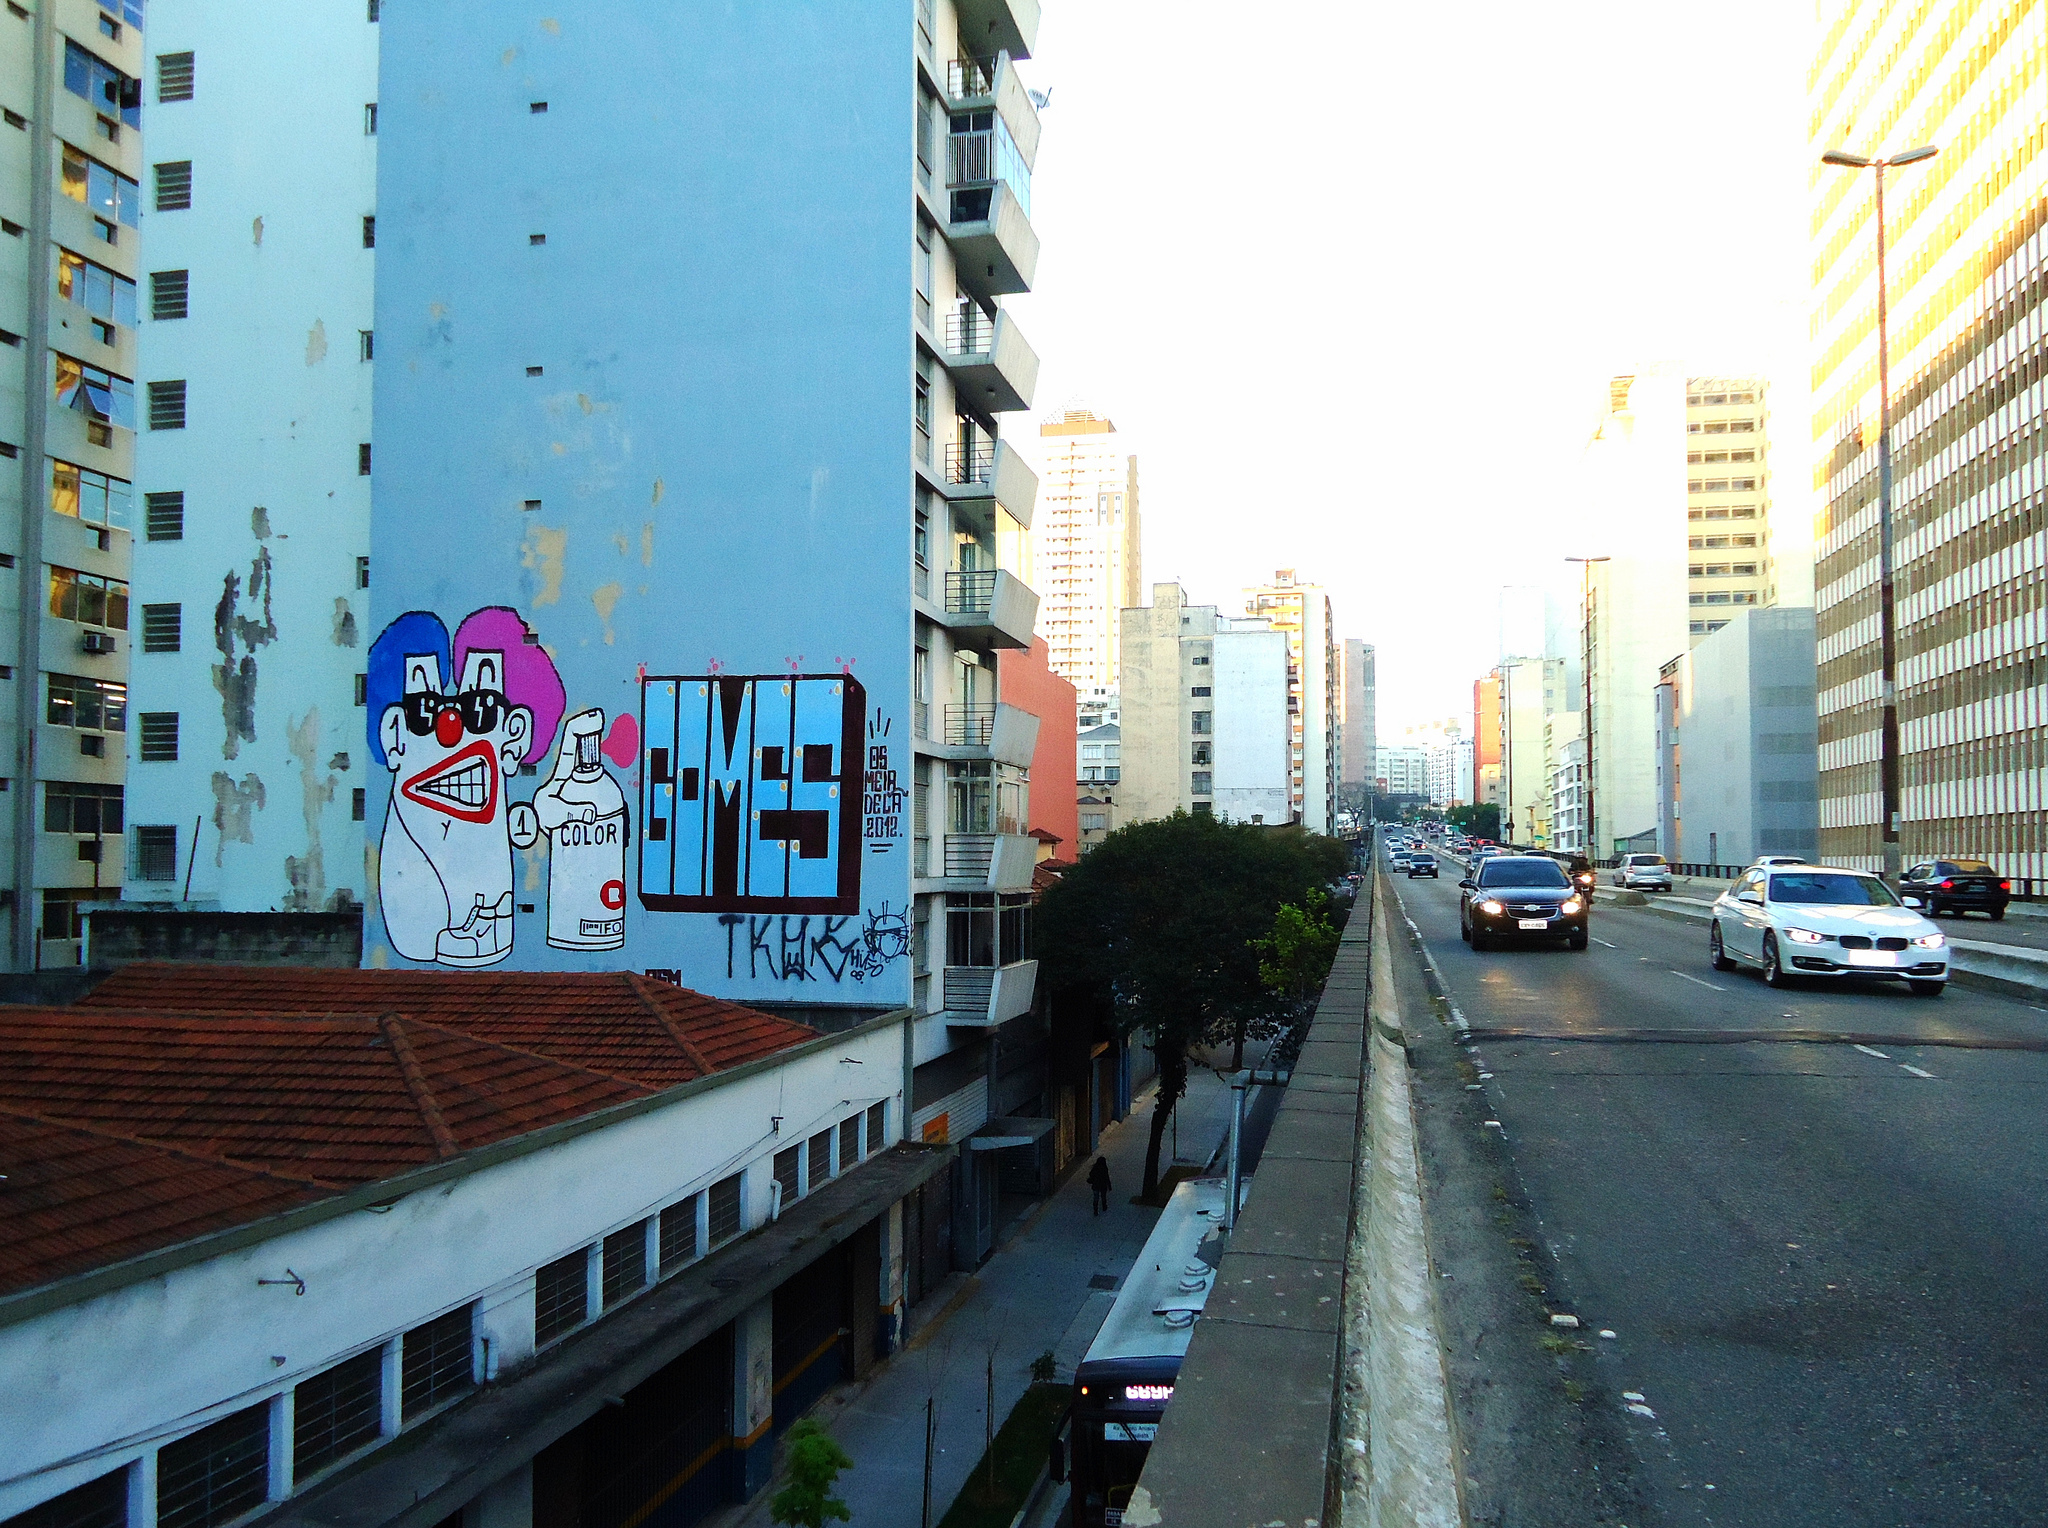 gomes-tws-os-meia-de-la-graffiti-sp-6